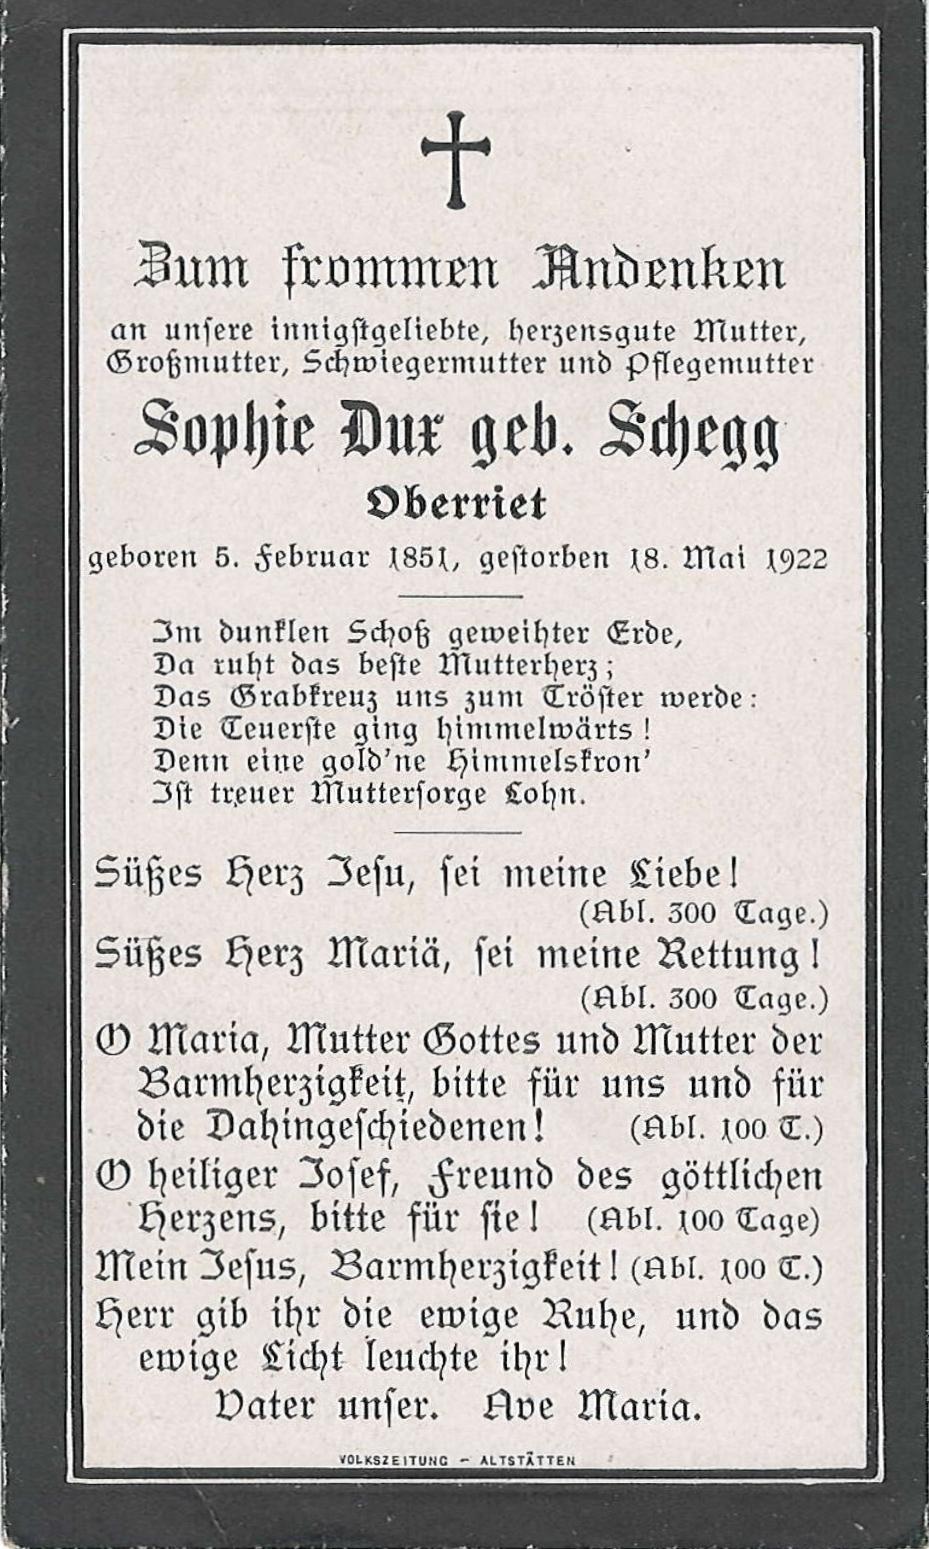 Sophie Dux geb- Schegg (1851-1922)